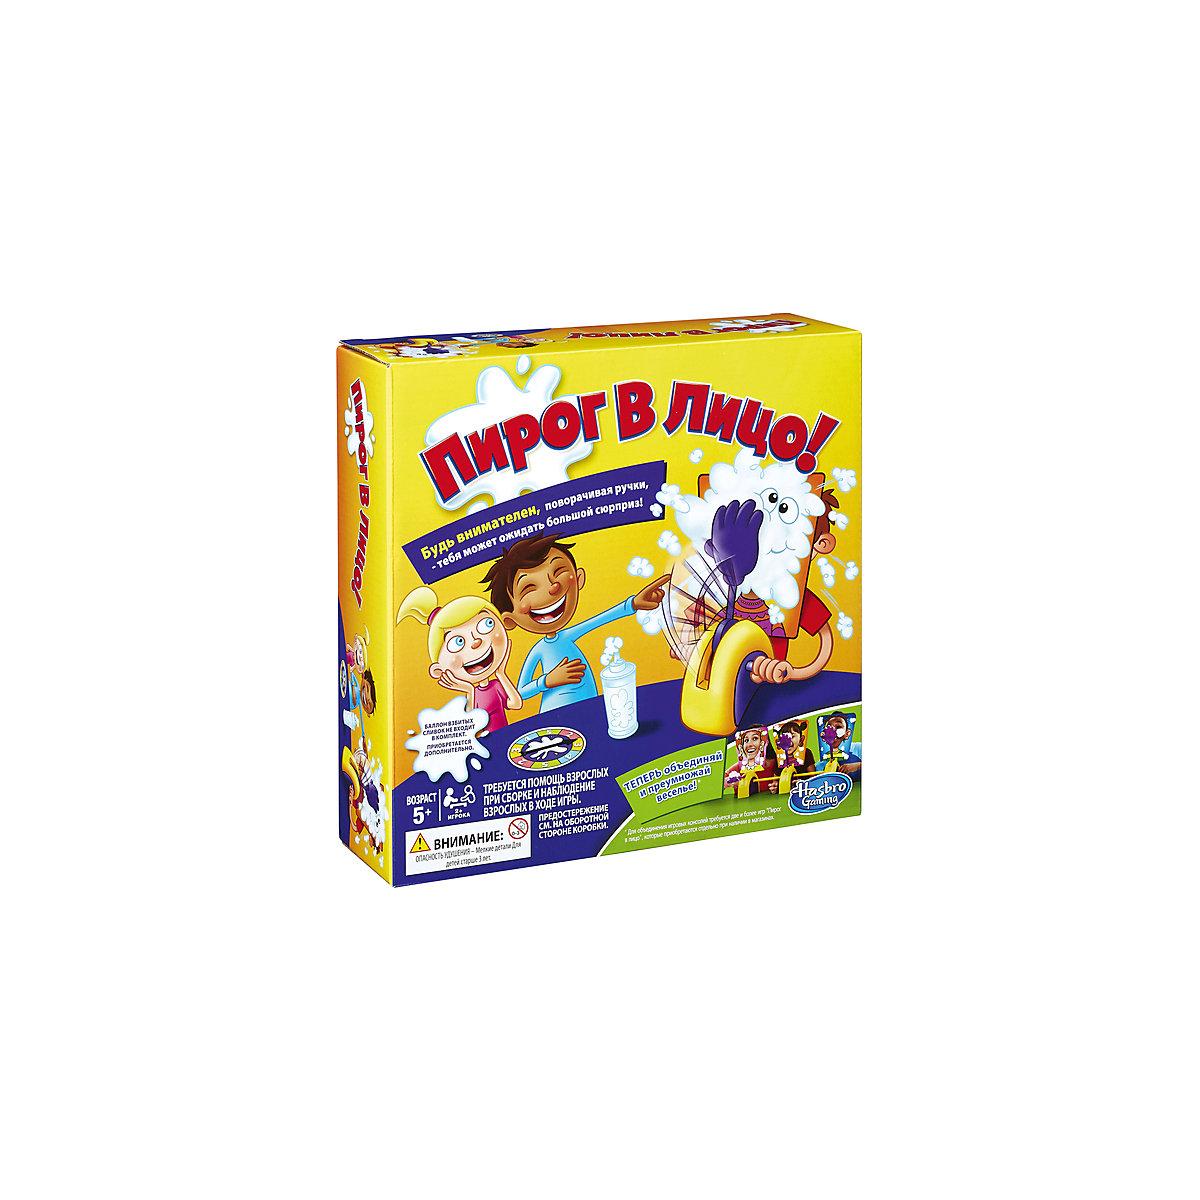 Купить Игра настольная - Пирог в лицо, с рулеткой, Hasbro